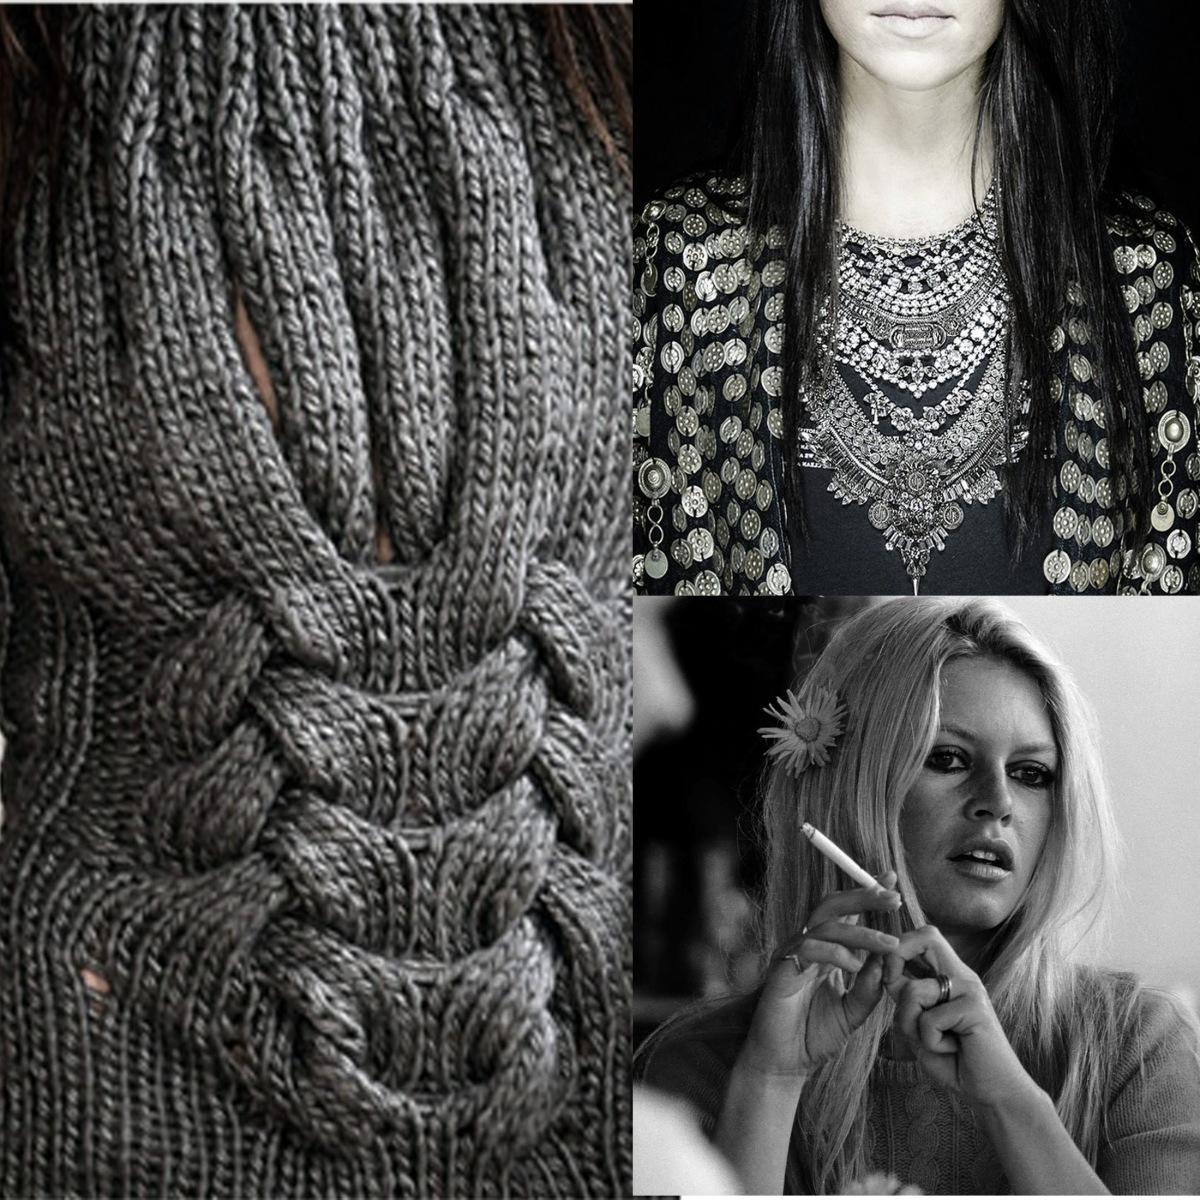 black rock chic wear